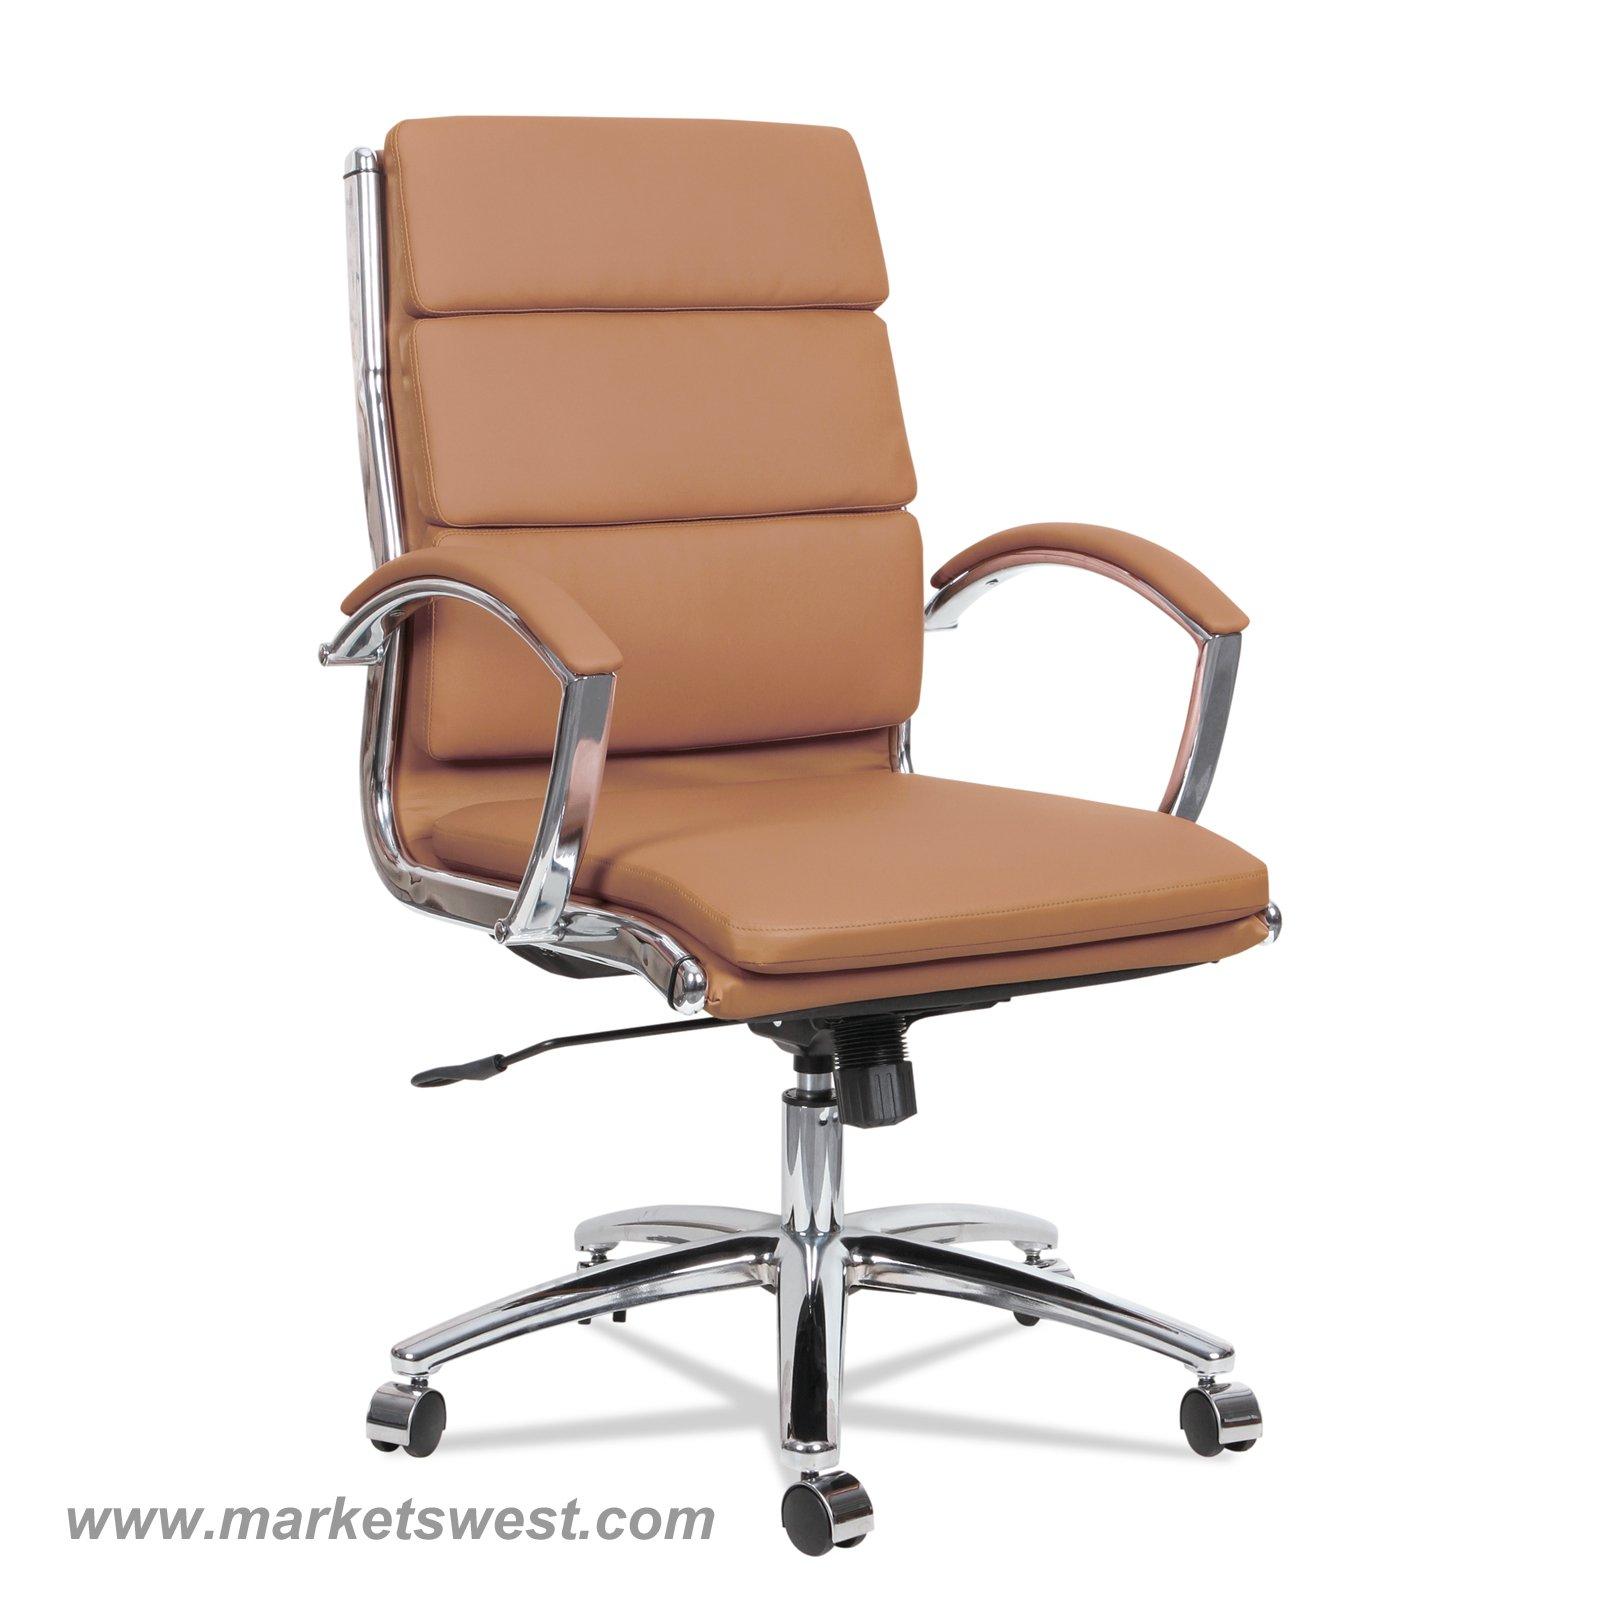 Neratoli Mid Back Swivel Tilt Chair Camel Soft Touch